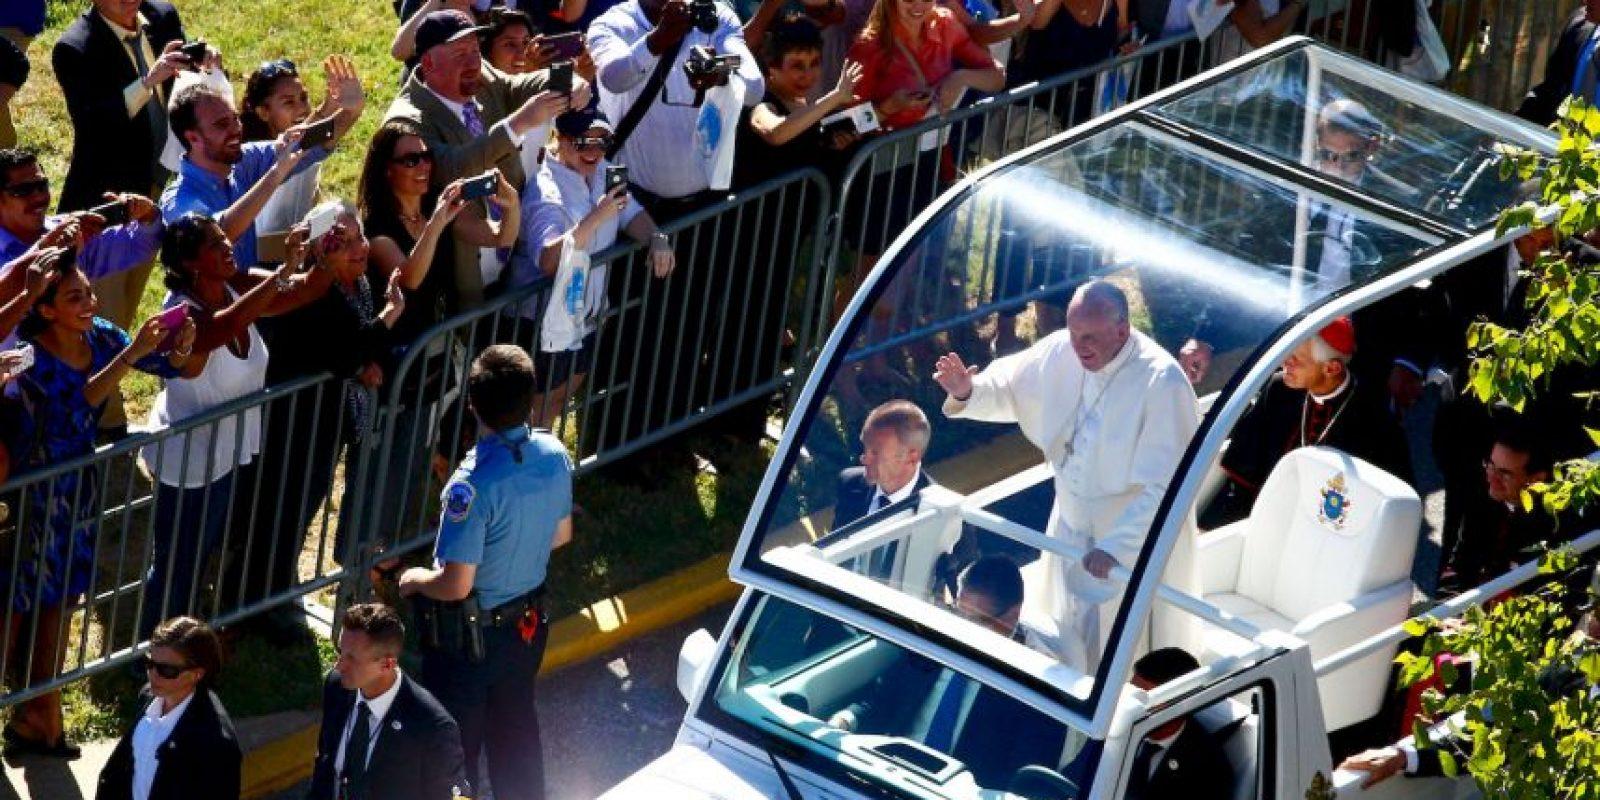 El religioso ofreció un discurso en el Congreso estadounidense. Foto:Getty Images